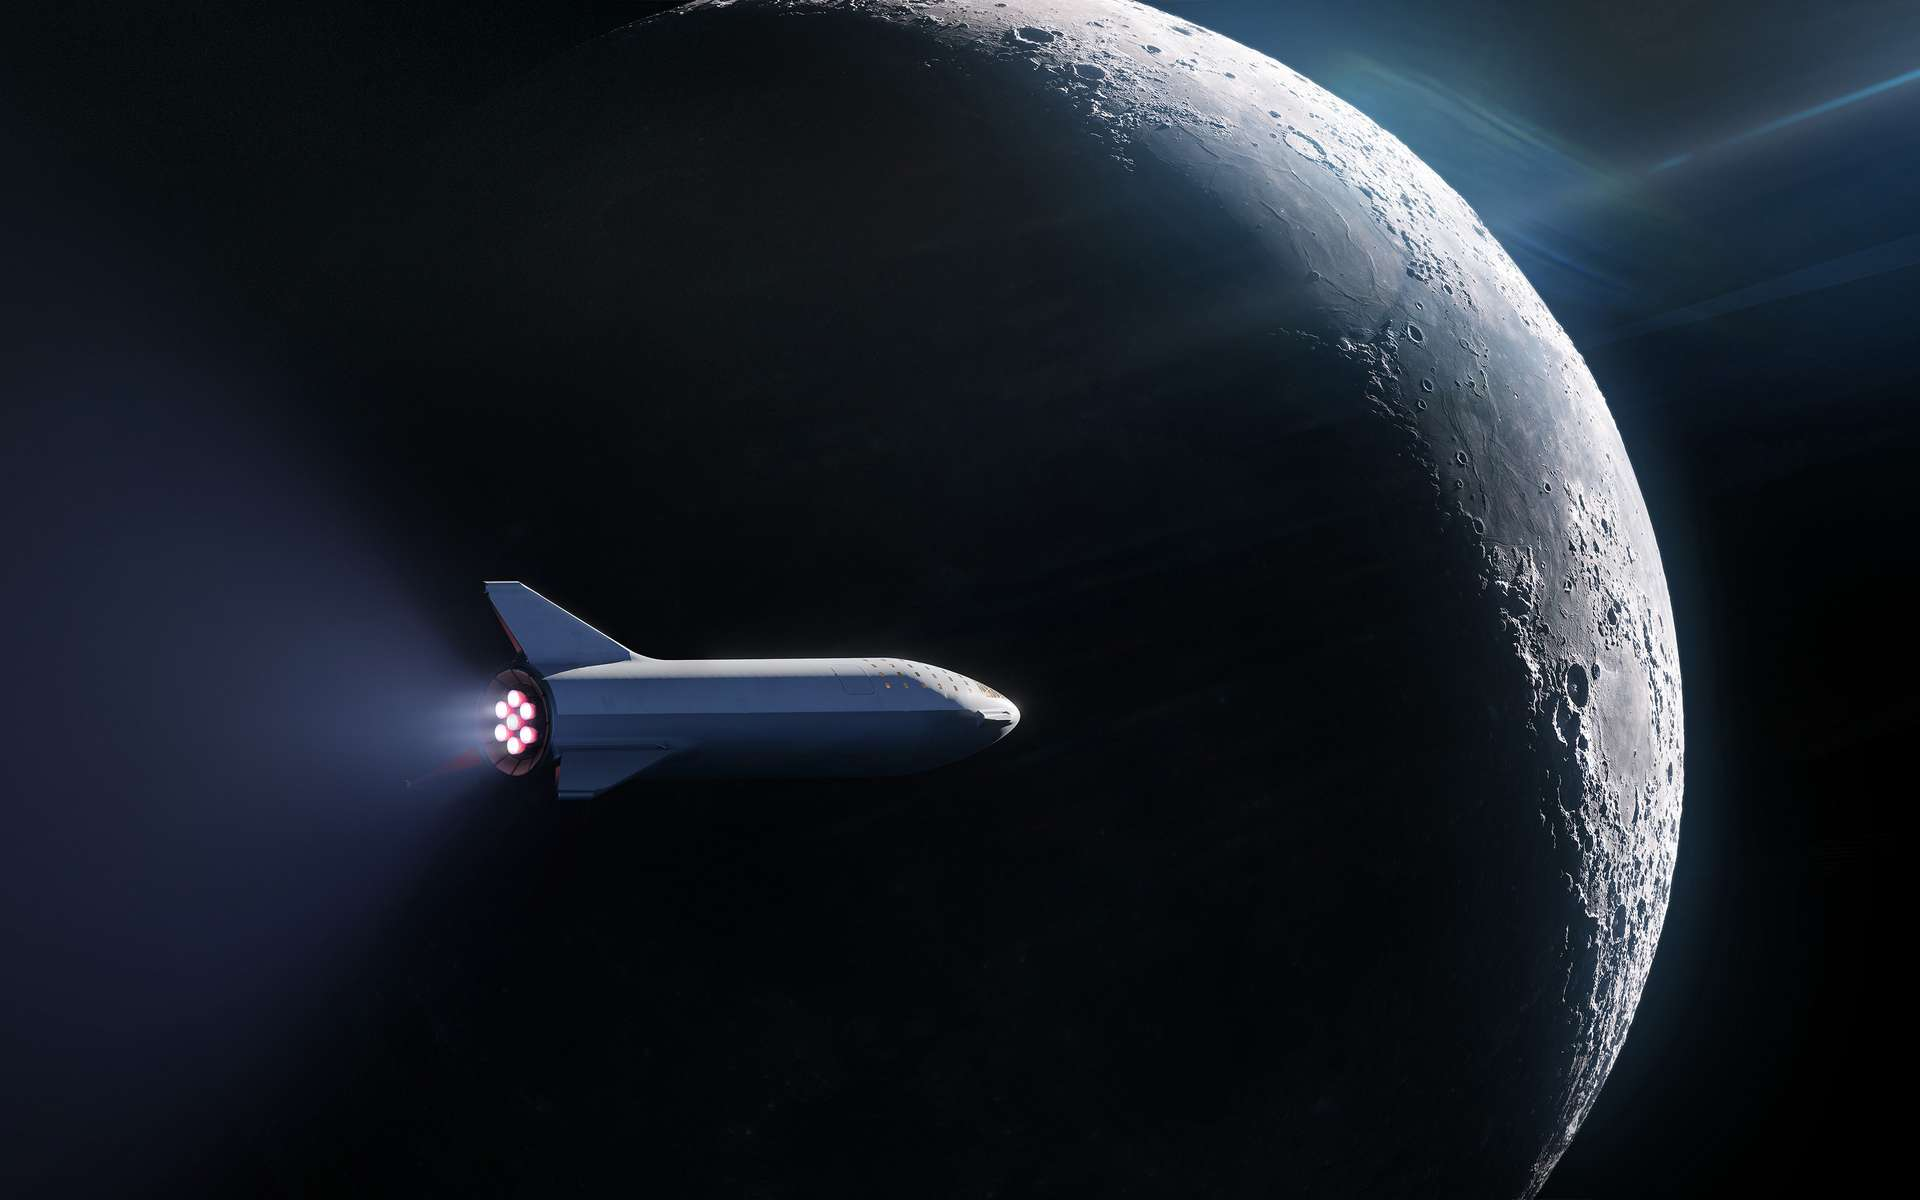 Le voyage vers la Lune auquel prendra part l'équipage du milliardaire japonais Yusaku Maezawa fera le tour de la Lune avant de revenir sur Terre. © SpaceX